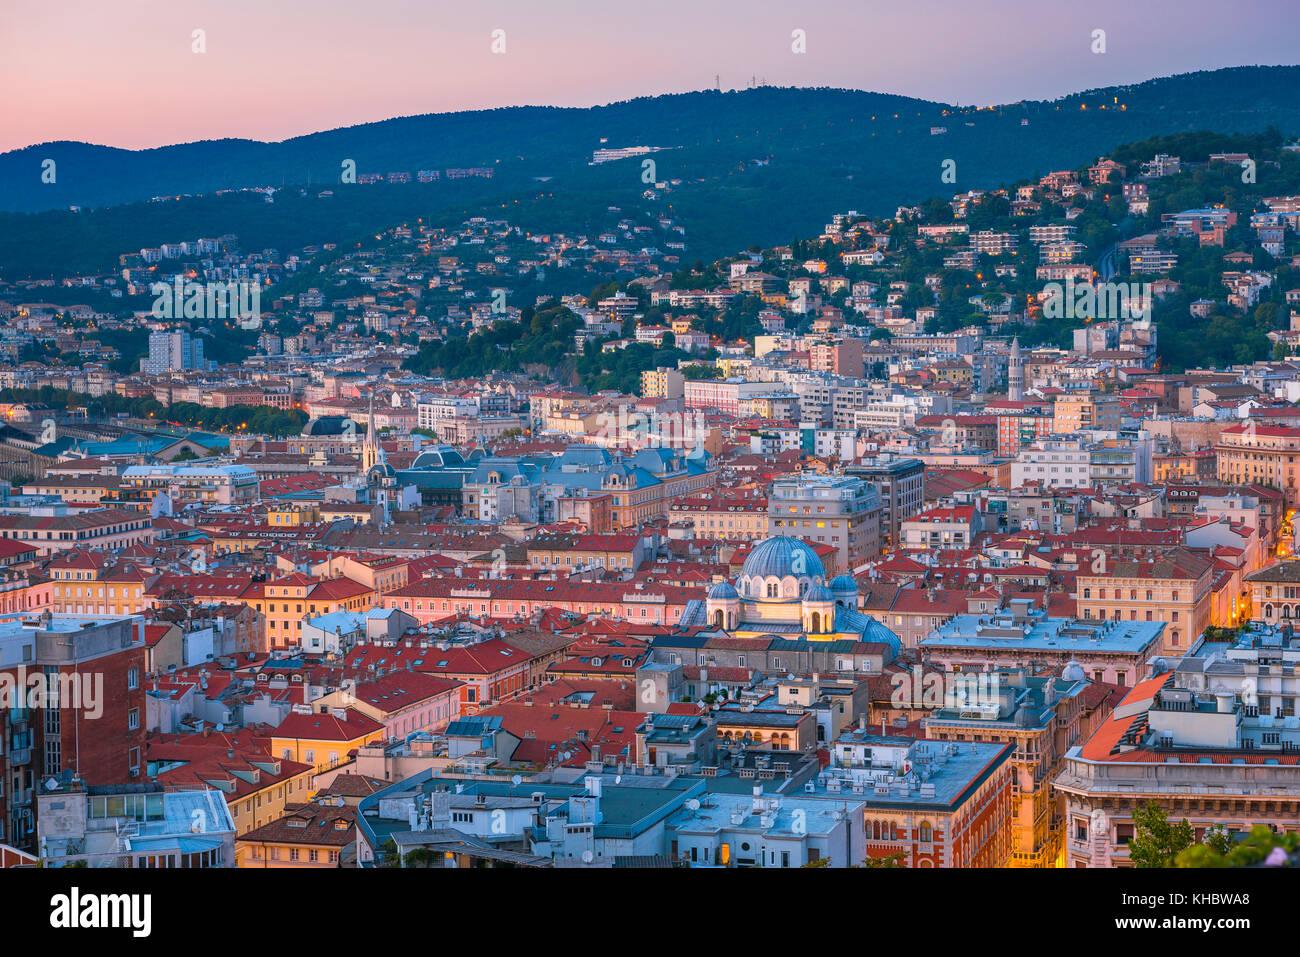 La ciudad de Trieste Italia vista area del centro de